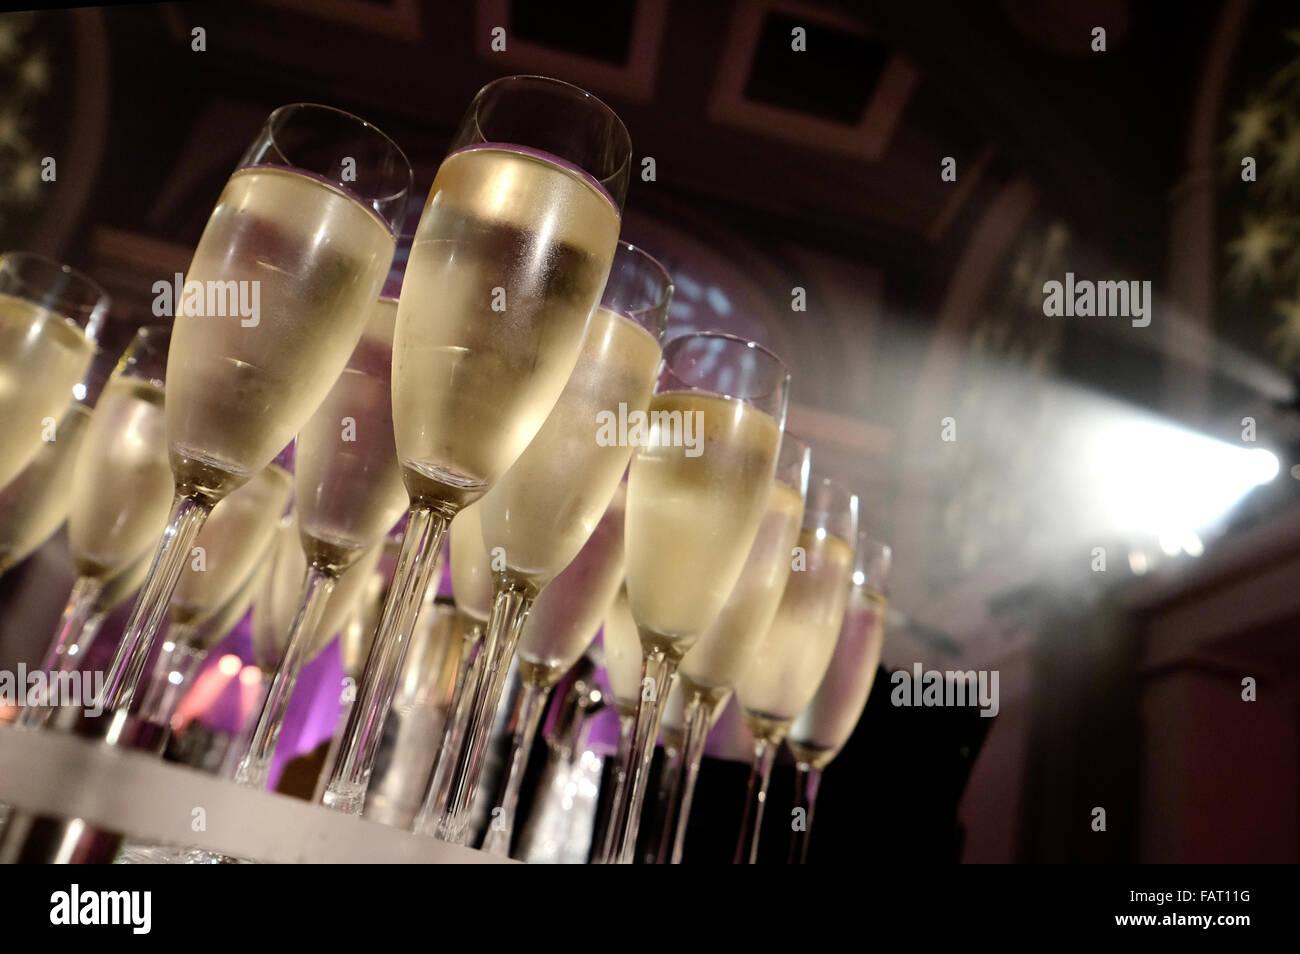 Blick vom tief einige gefüllte Sektgläser auf einer party Stockbild